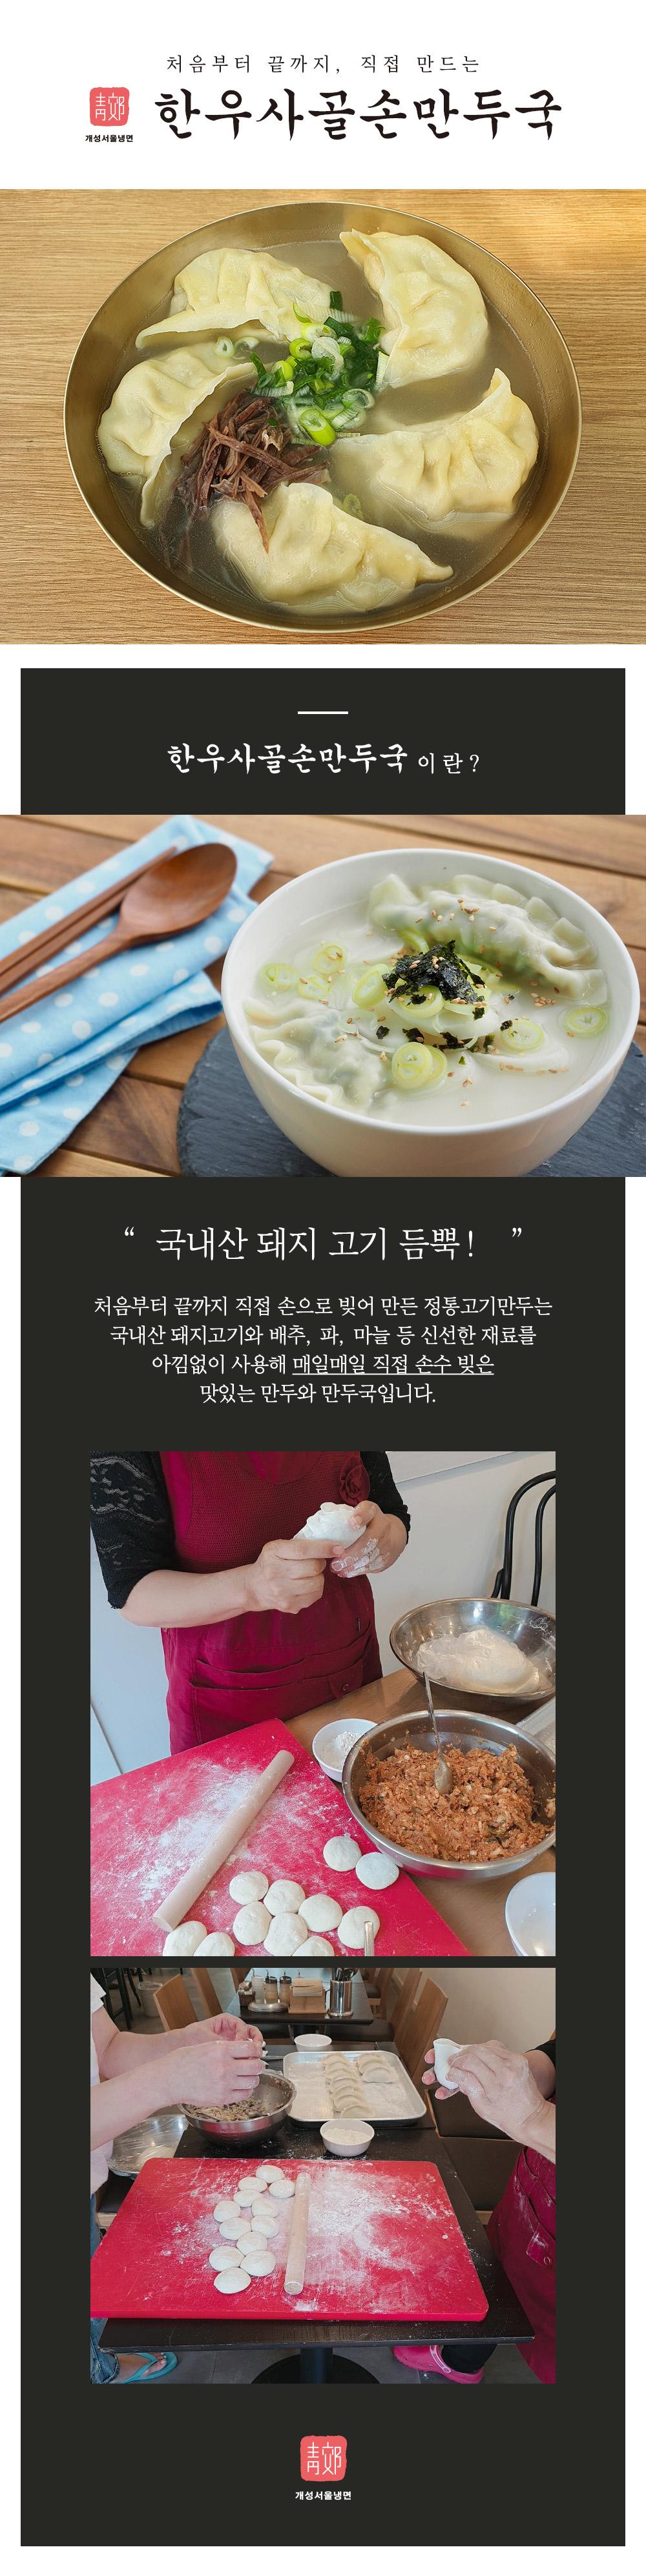 상세페이지_청교손만두국_1.jpg